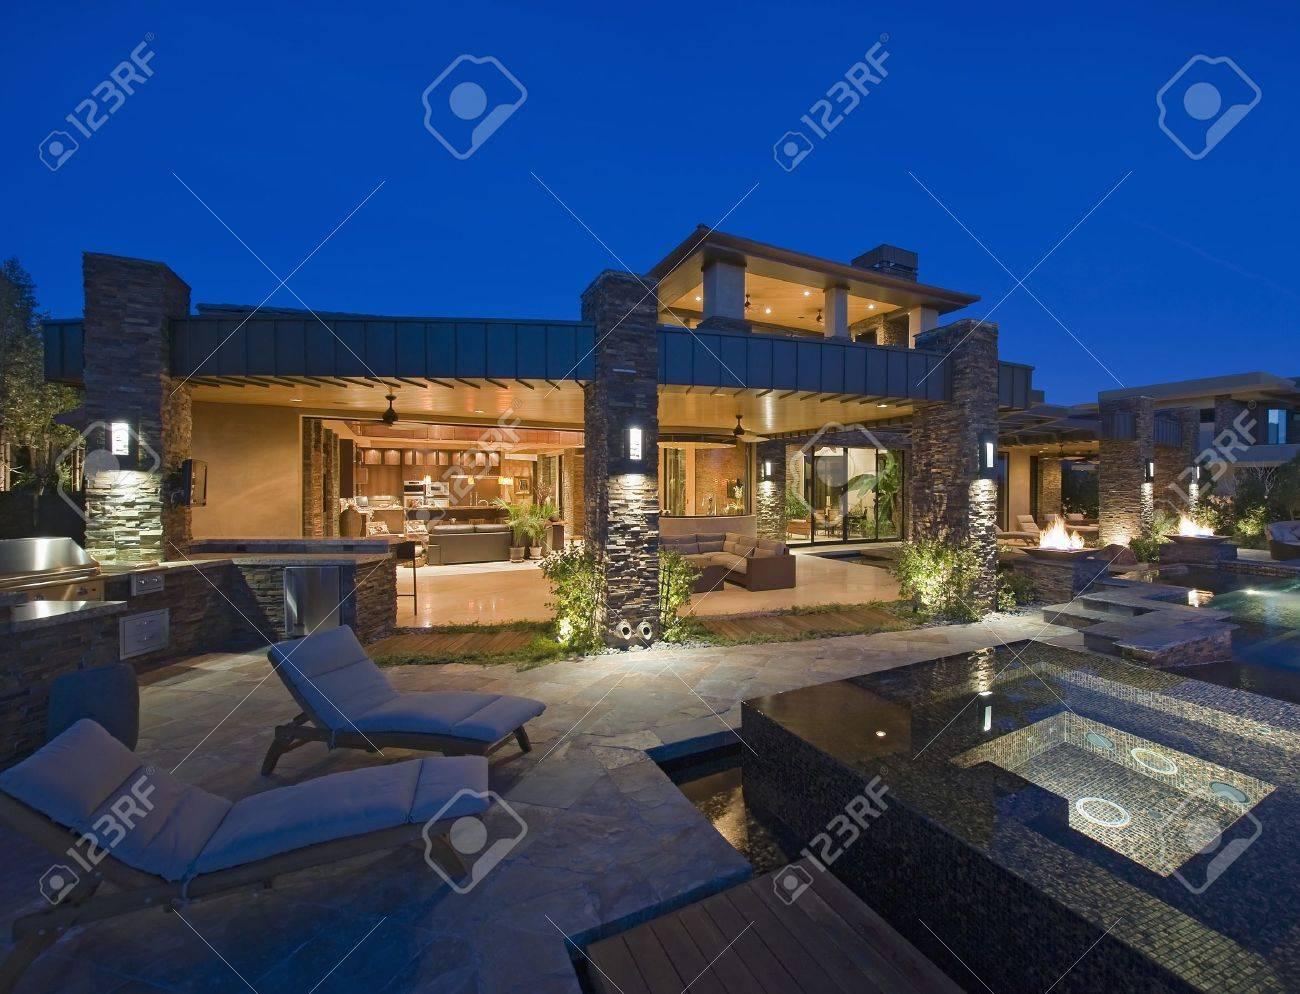 Exterior De La Casa Iluminada Por La Noche Con Muebles De Jardín ...